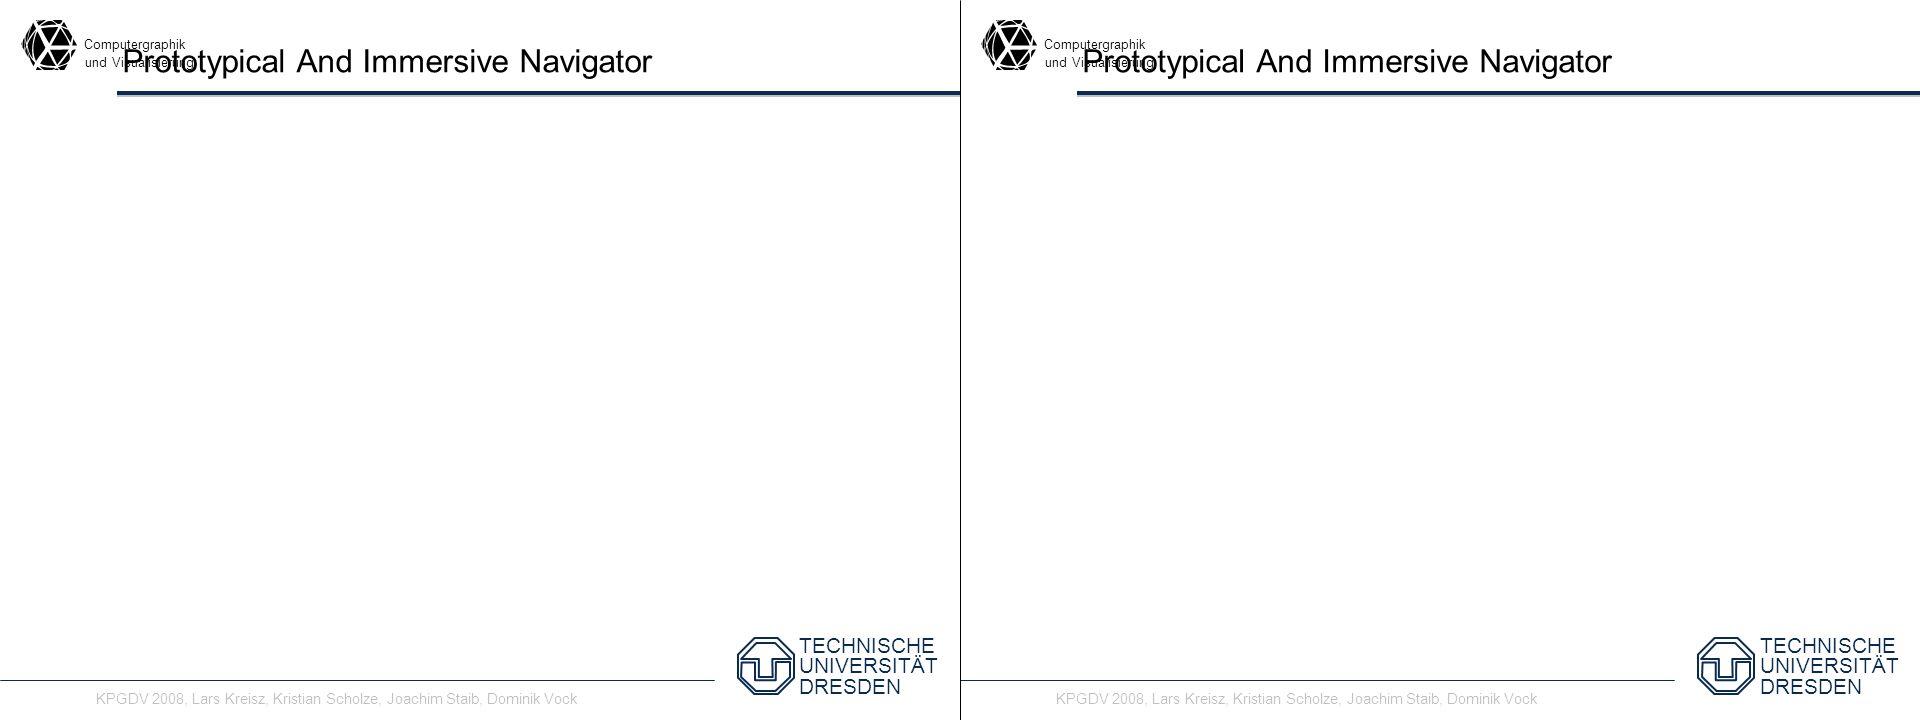 Computergraphik undVisualisierung Computergraphik undVisualisierung Prototypical And Immersive Navigator Aufgabe 3D-Medienbrowser Evaluierung möglicher Interaktionsformen 2 Einleitung >> Szenenaufbau >> Headtracking >> Gestenerkennung >> Ausblick Aufgabe >> Ausgangssituation >> Fazit Aufgabe 3D-Medienbrowser Evaluierung möglicher Interaktionsformen Einleitung >> Szenenaufbau >> Headtracking >> Gestenerkennung >> Ausblick Aufgabe >> Ausgangssituation >> Fazit KPGDV 2008, Lars Kreisz, Kristian Scholze, Joachim Staib, Dominik Vock